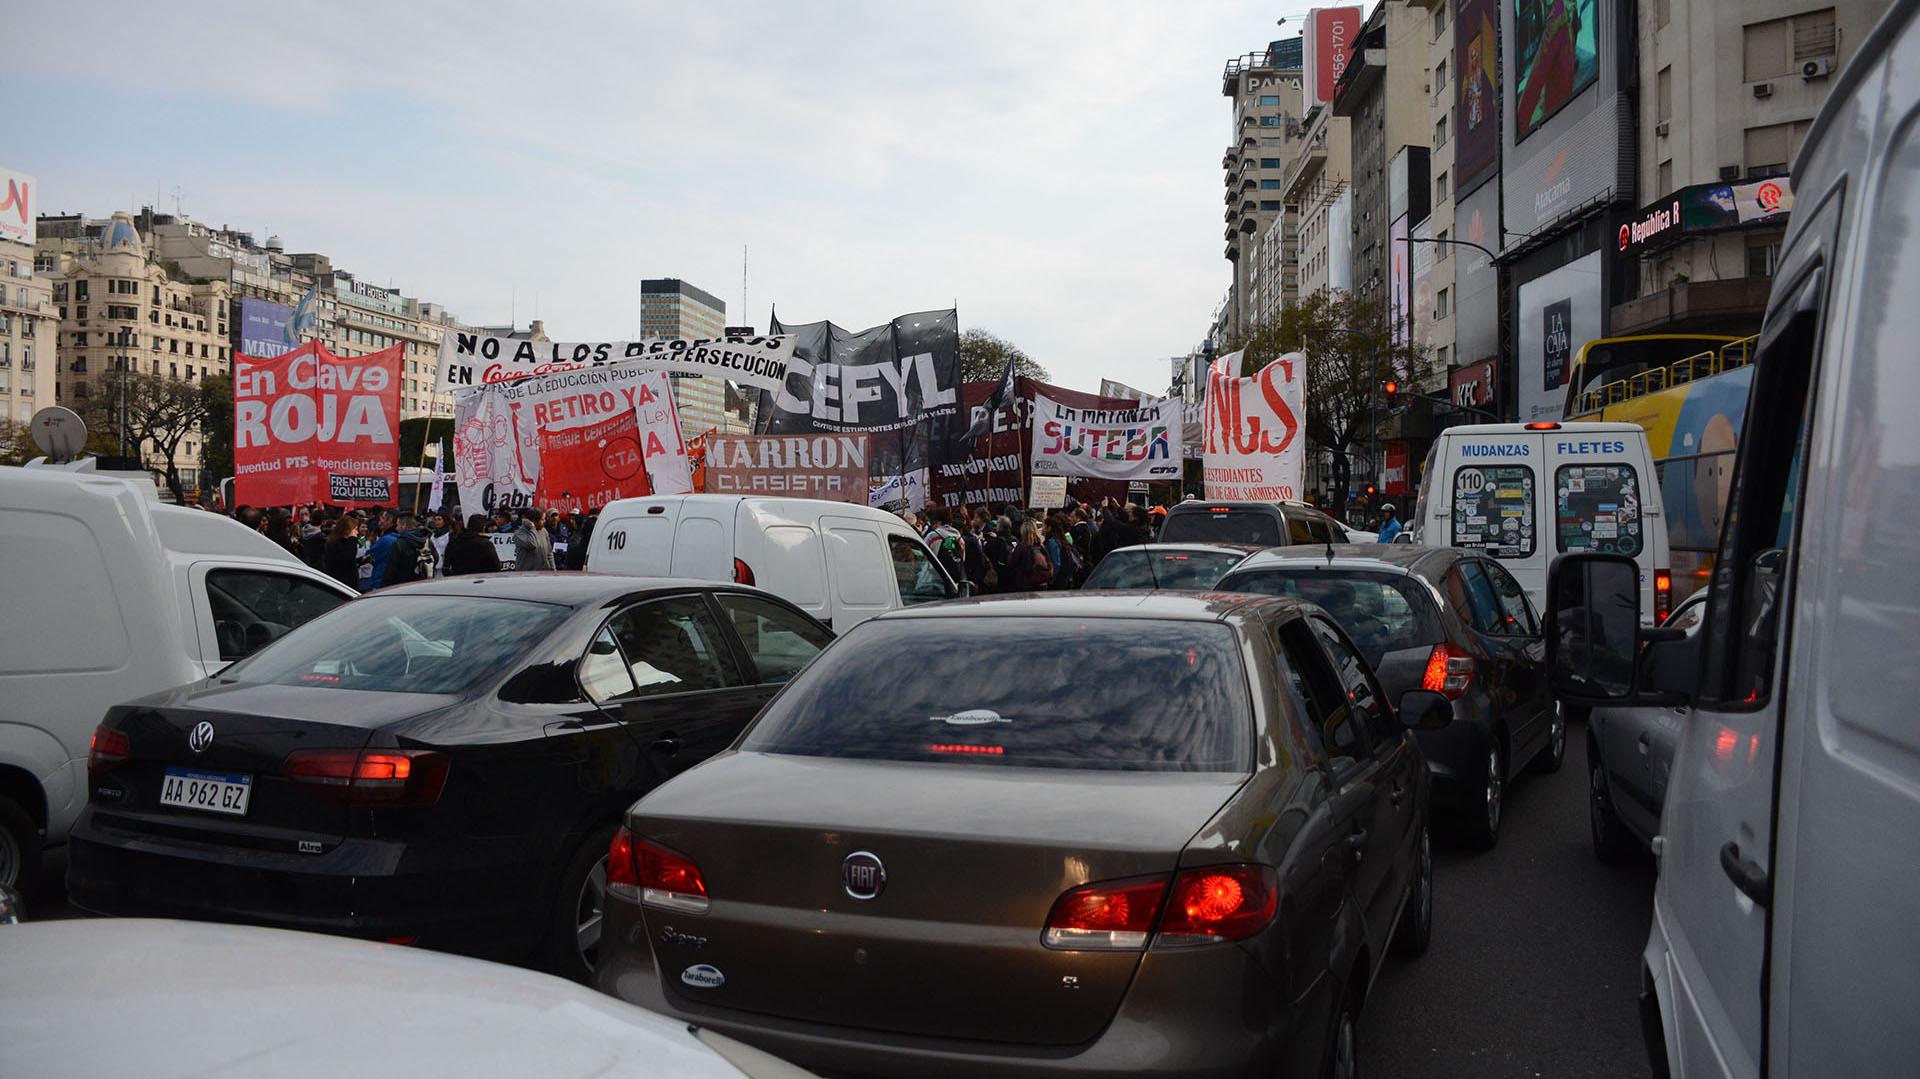 El tránsito fue un caos durante toda la mañana debido a los cortes